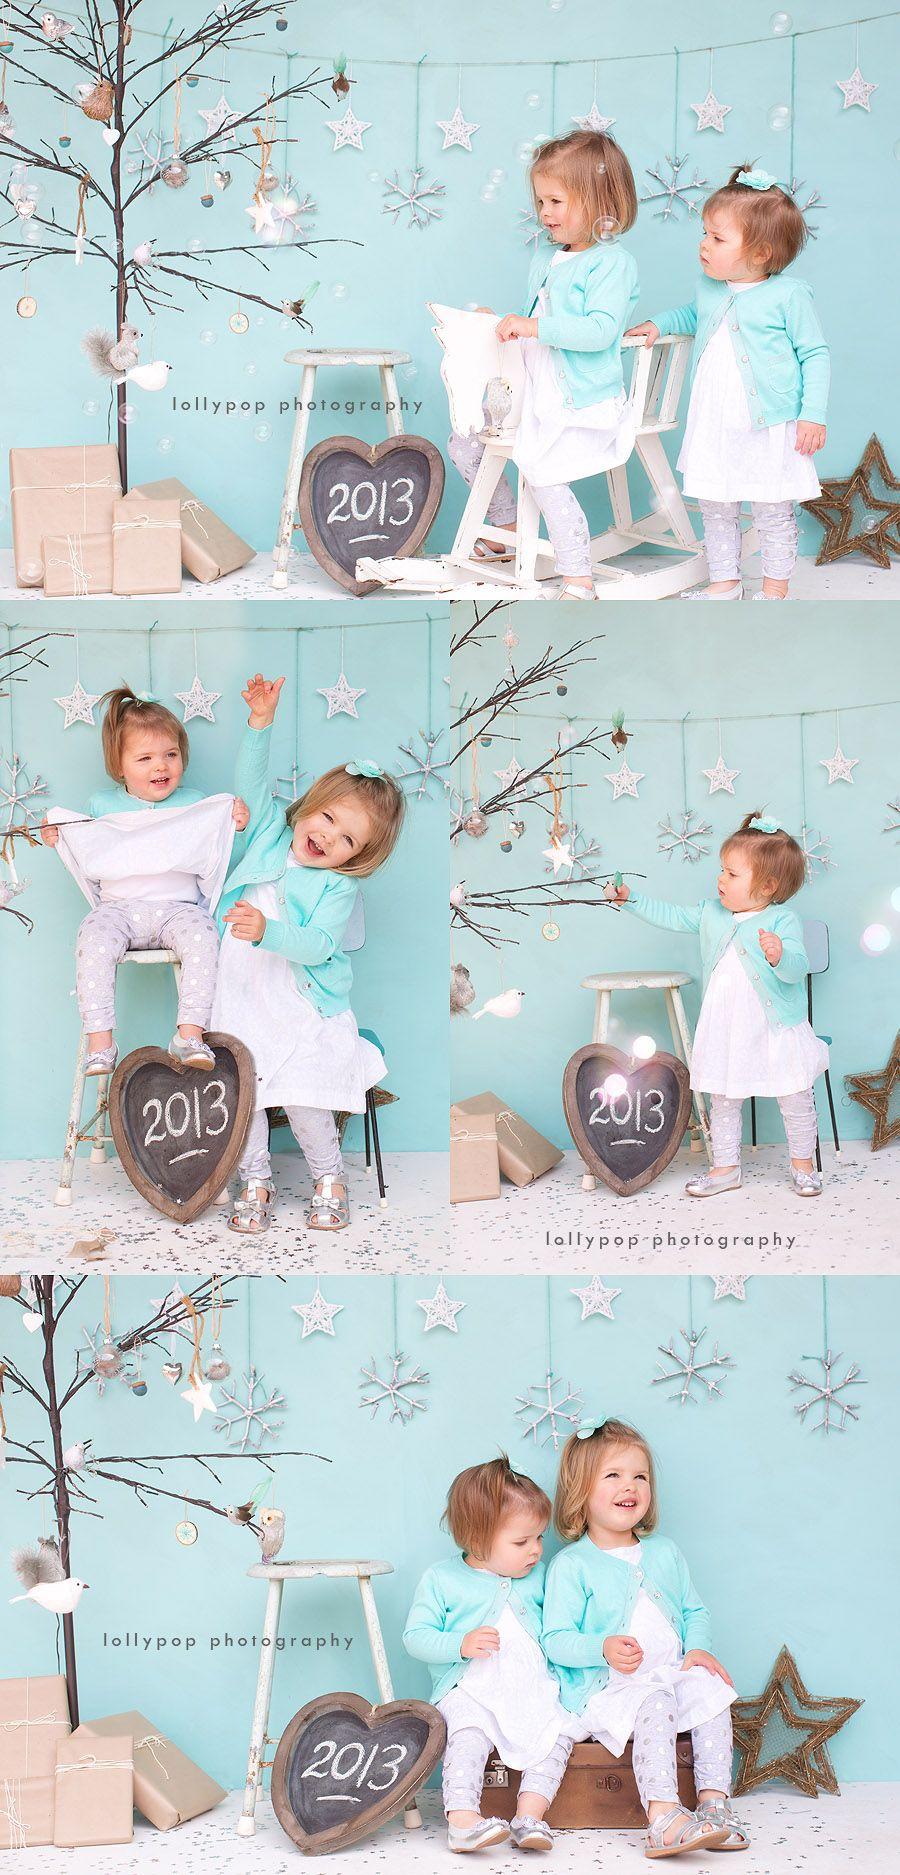 Weihnachtsfotoaktion kinderfotos fotos foto weihnachten und fotografie - Kinderfotos weihnachten ...